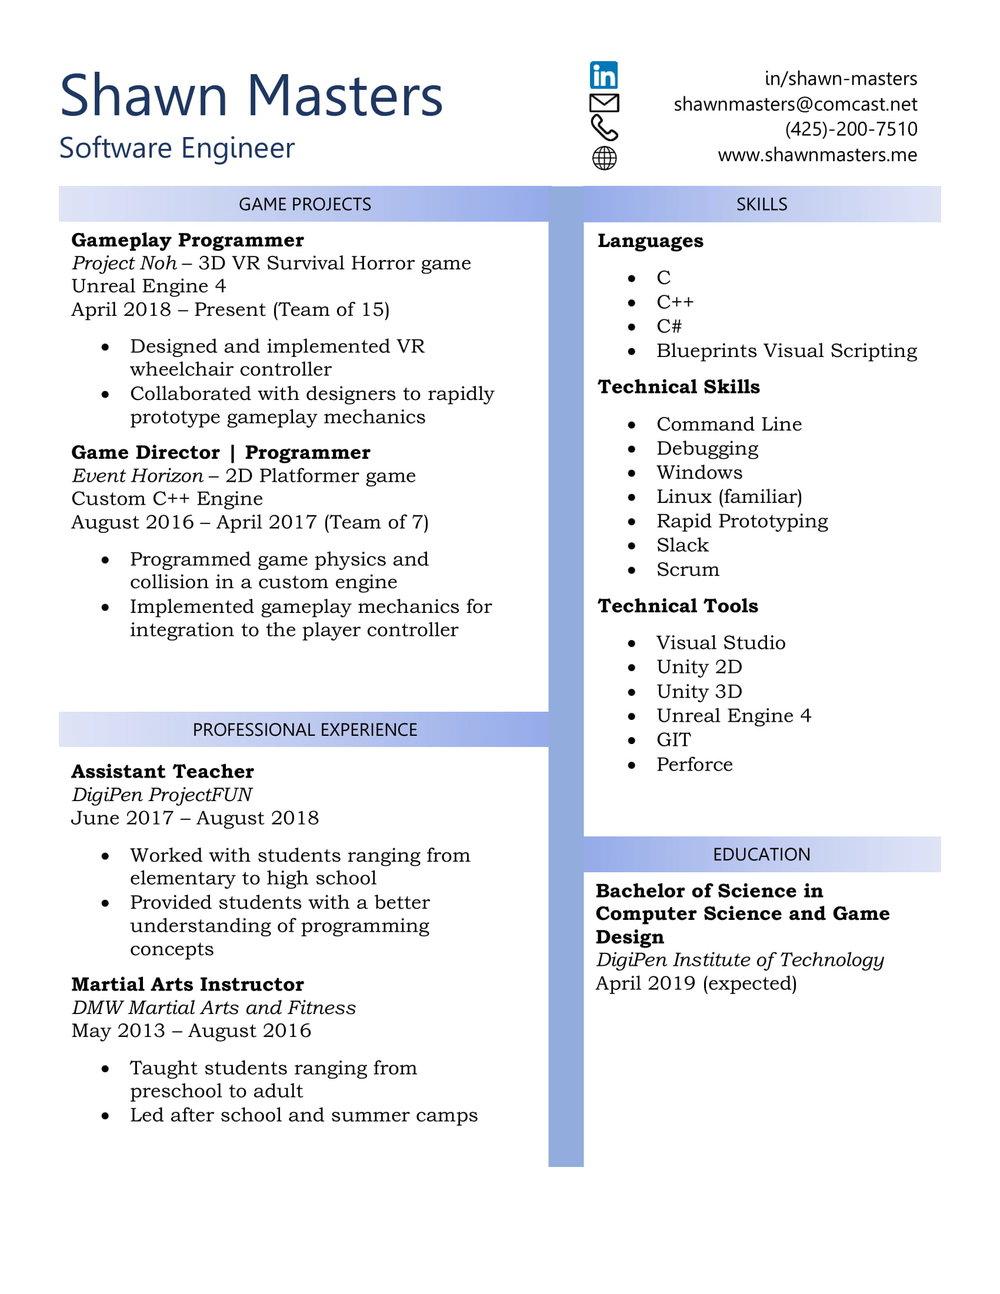 Resume_SE.jpg